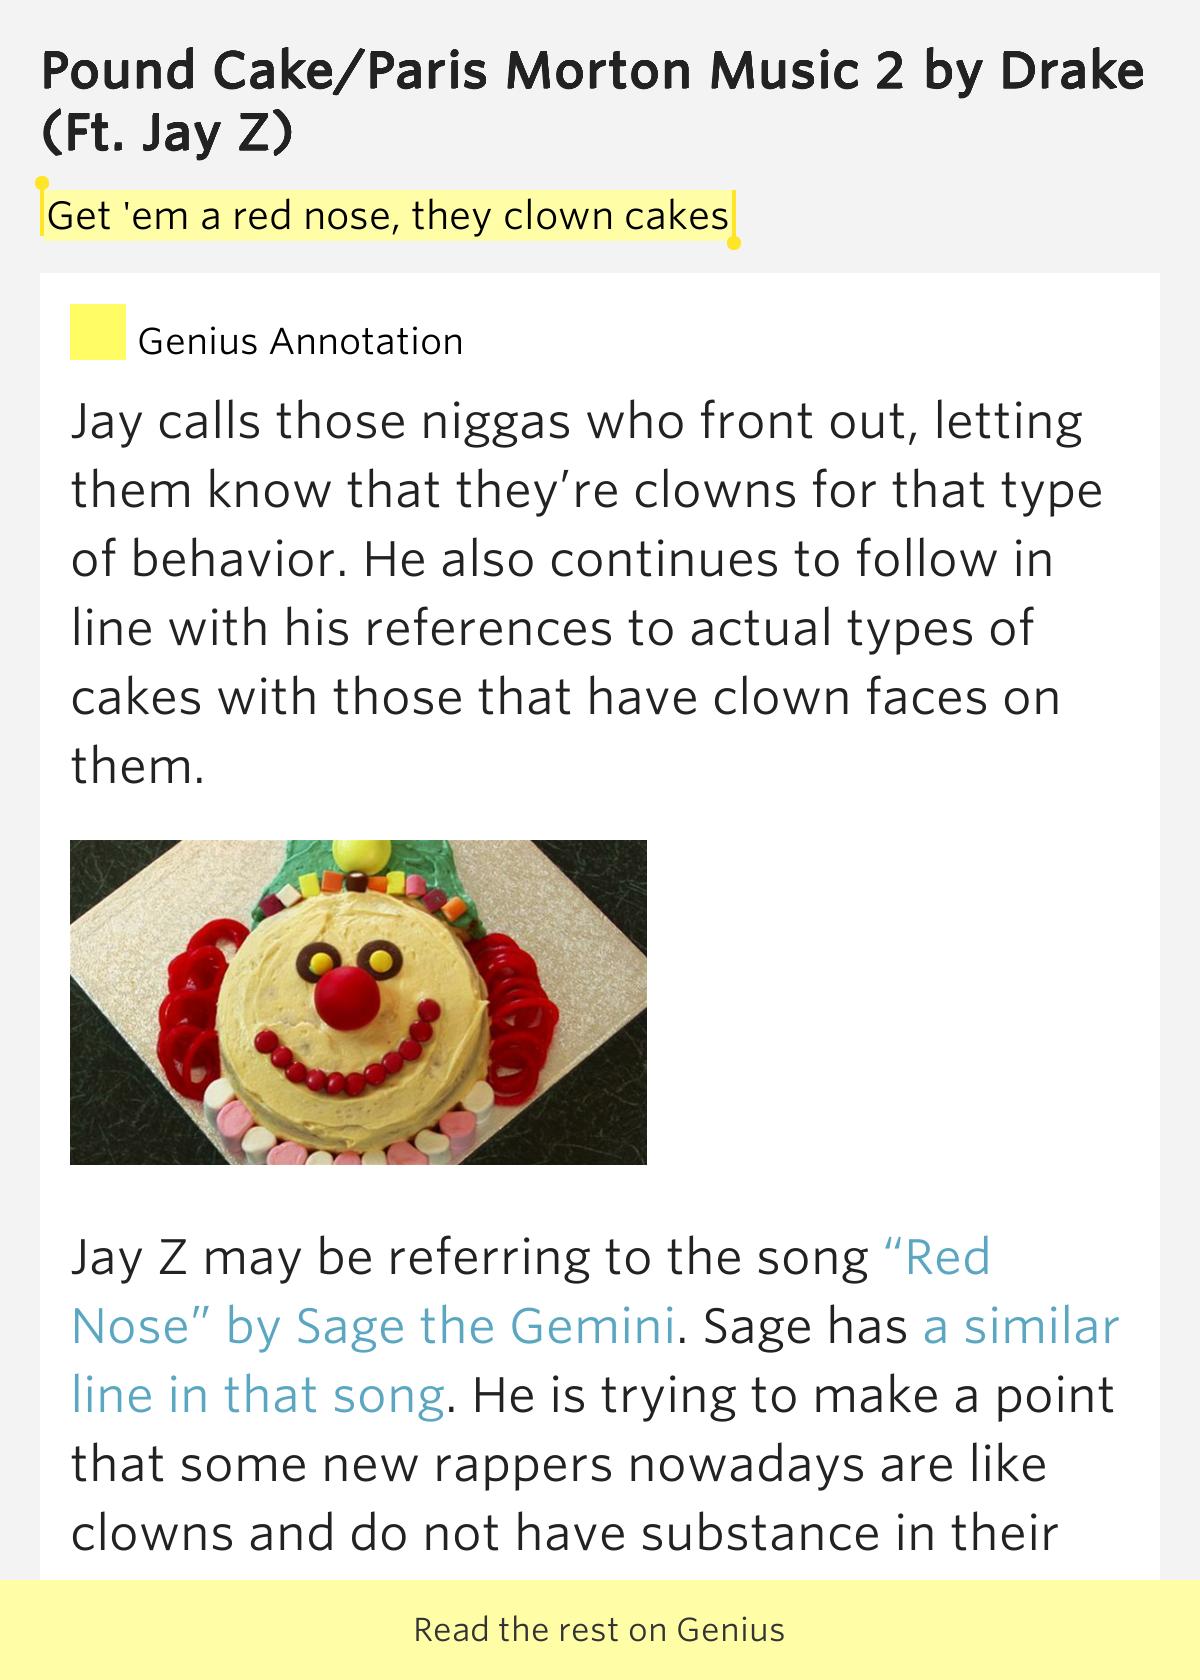 Jay Z Pound Cake Meaning